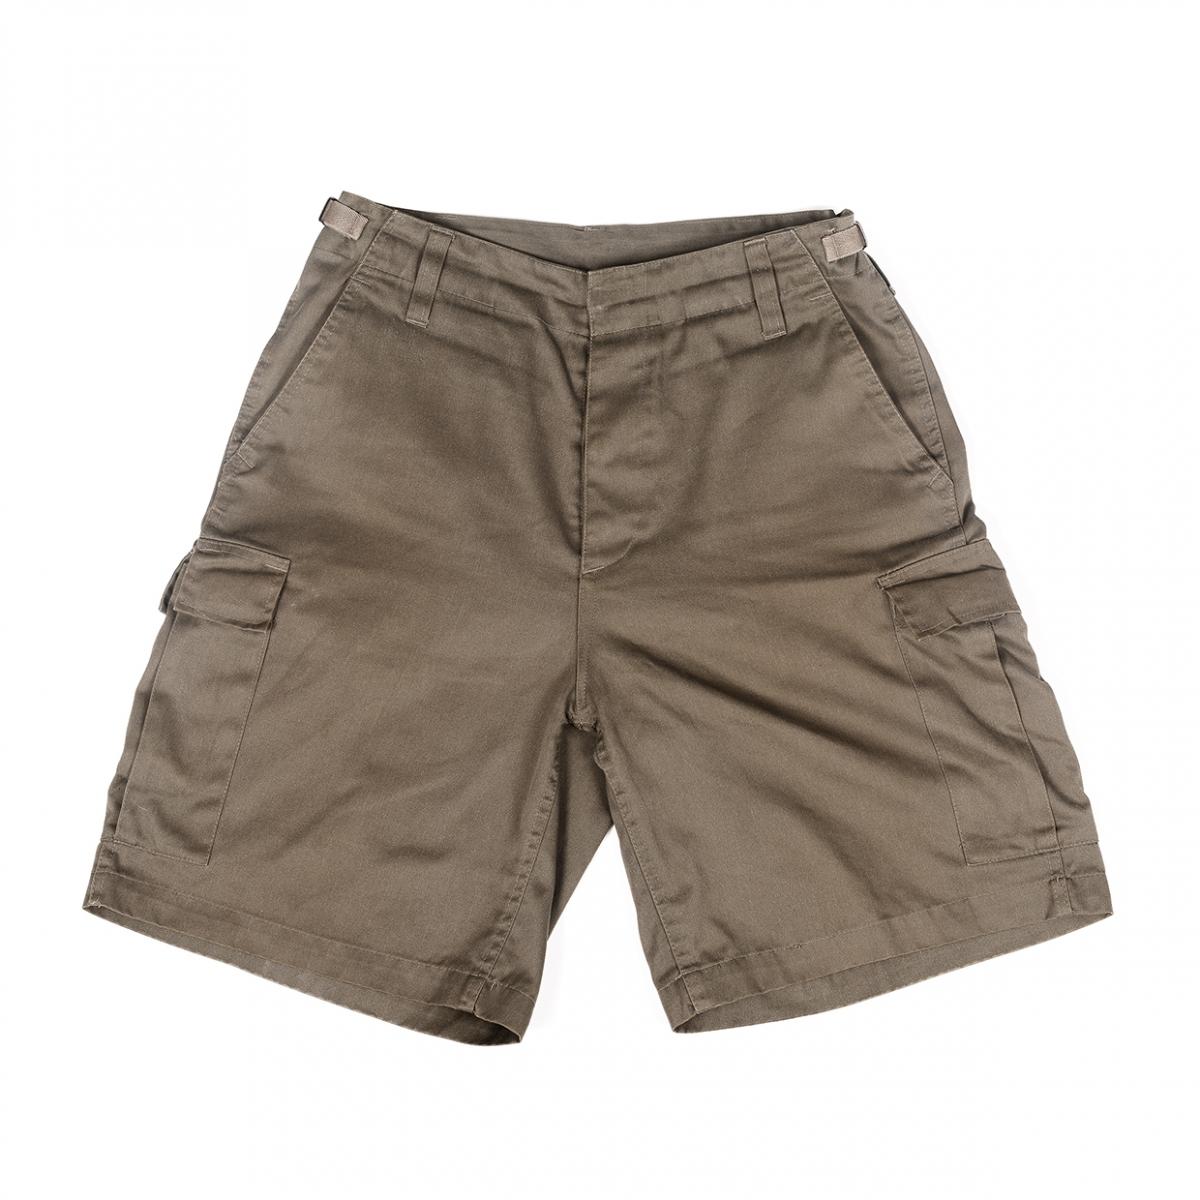 Imagen en la que se ve un pantalón corto